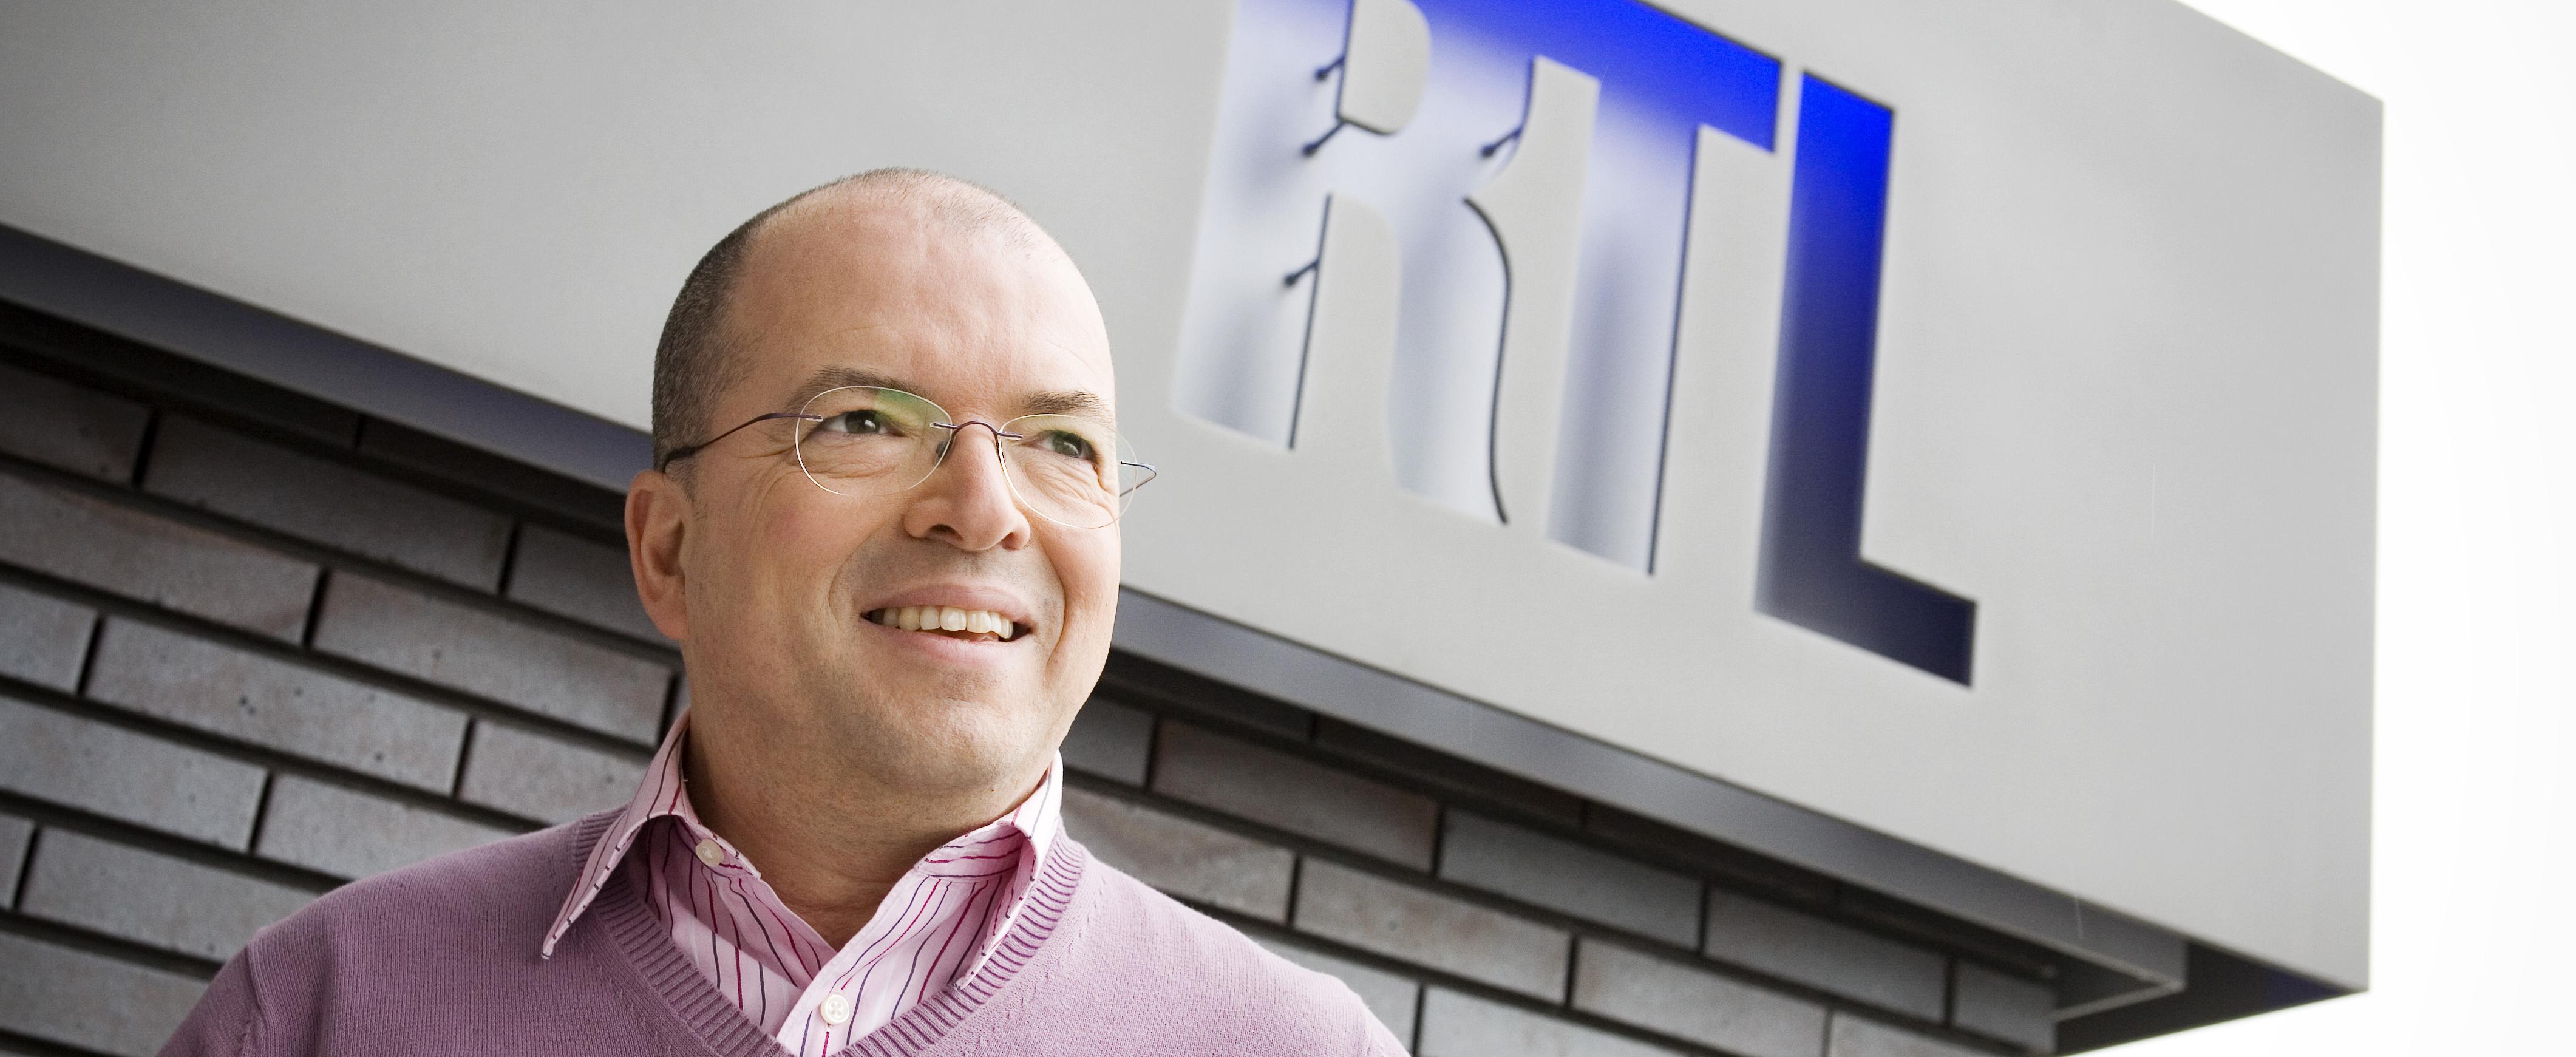 RTL-TVI face aux défis de Netflix, Facebook et Google